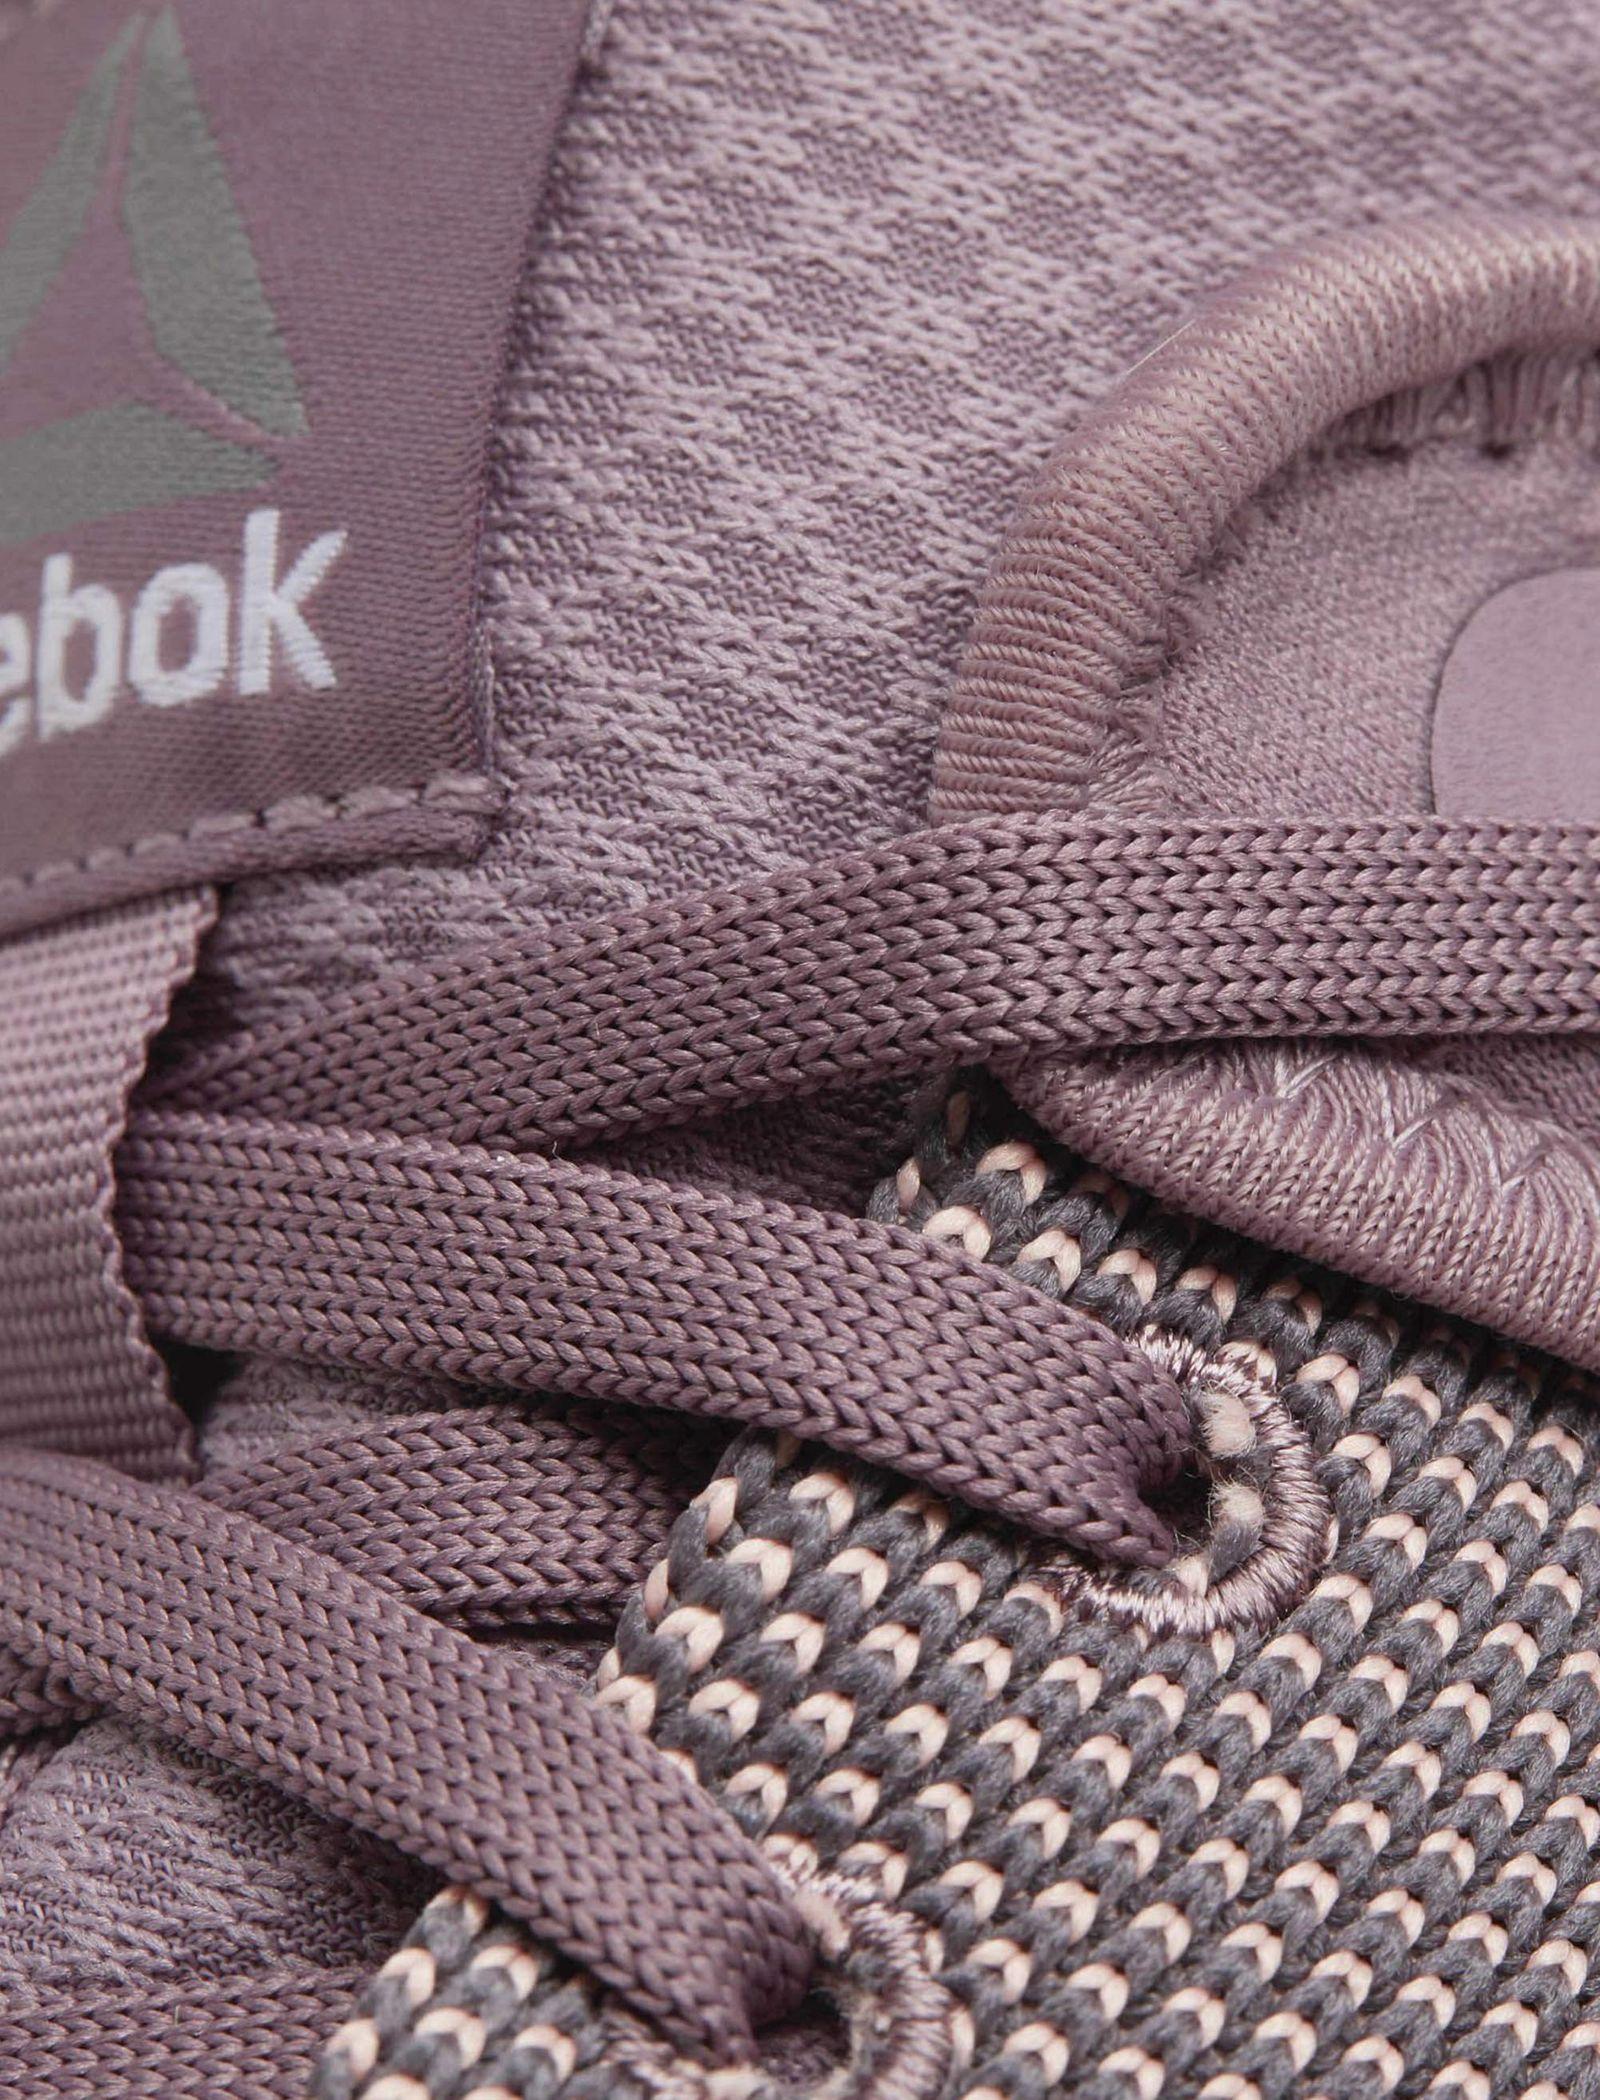 کفش پیاده روی بندی زنانه Reebok Solestead - ریباک - صورتي - 7